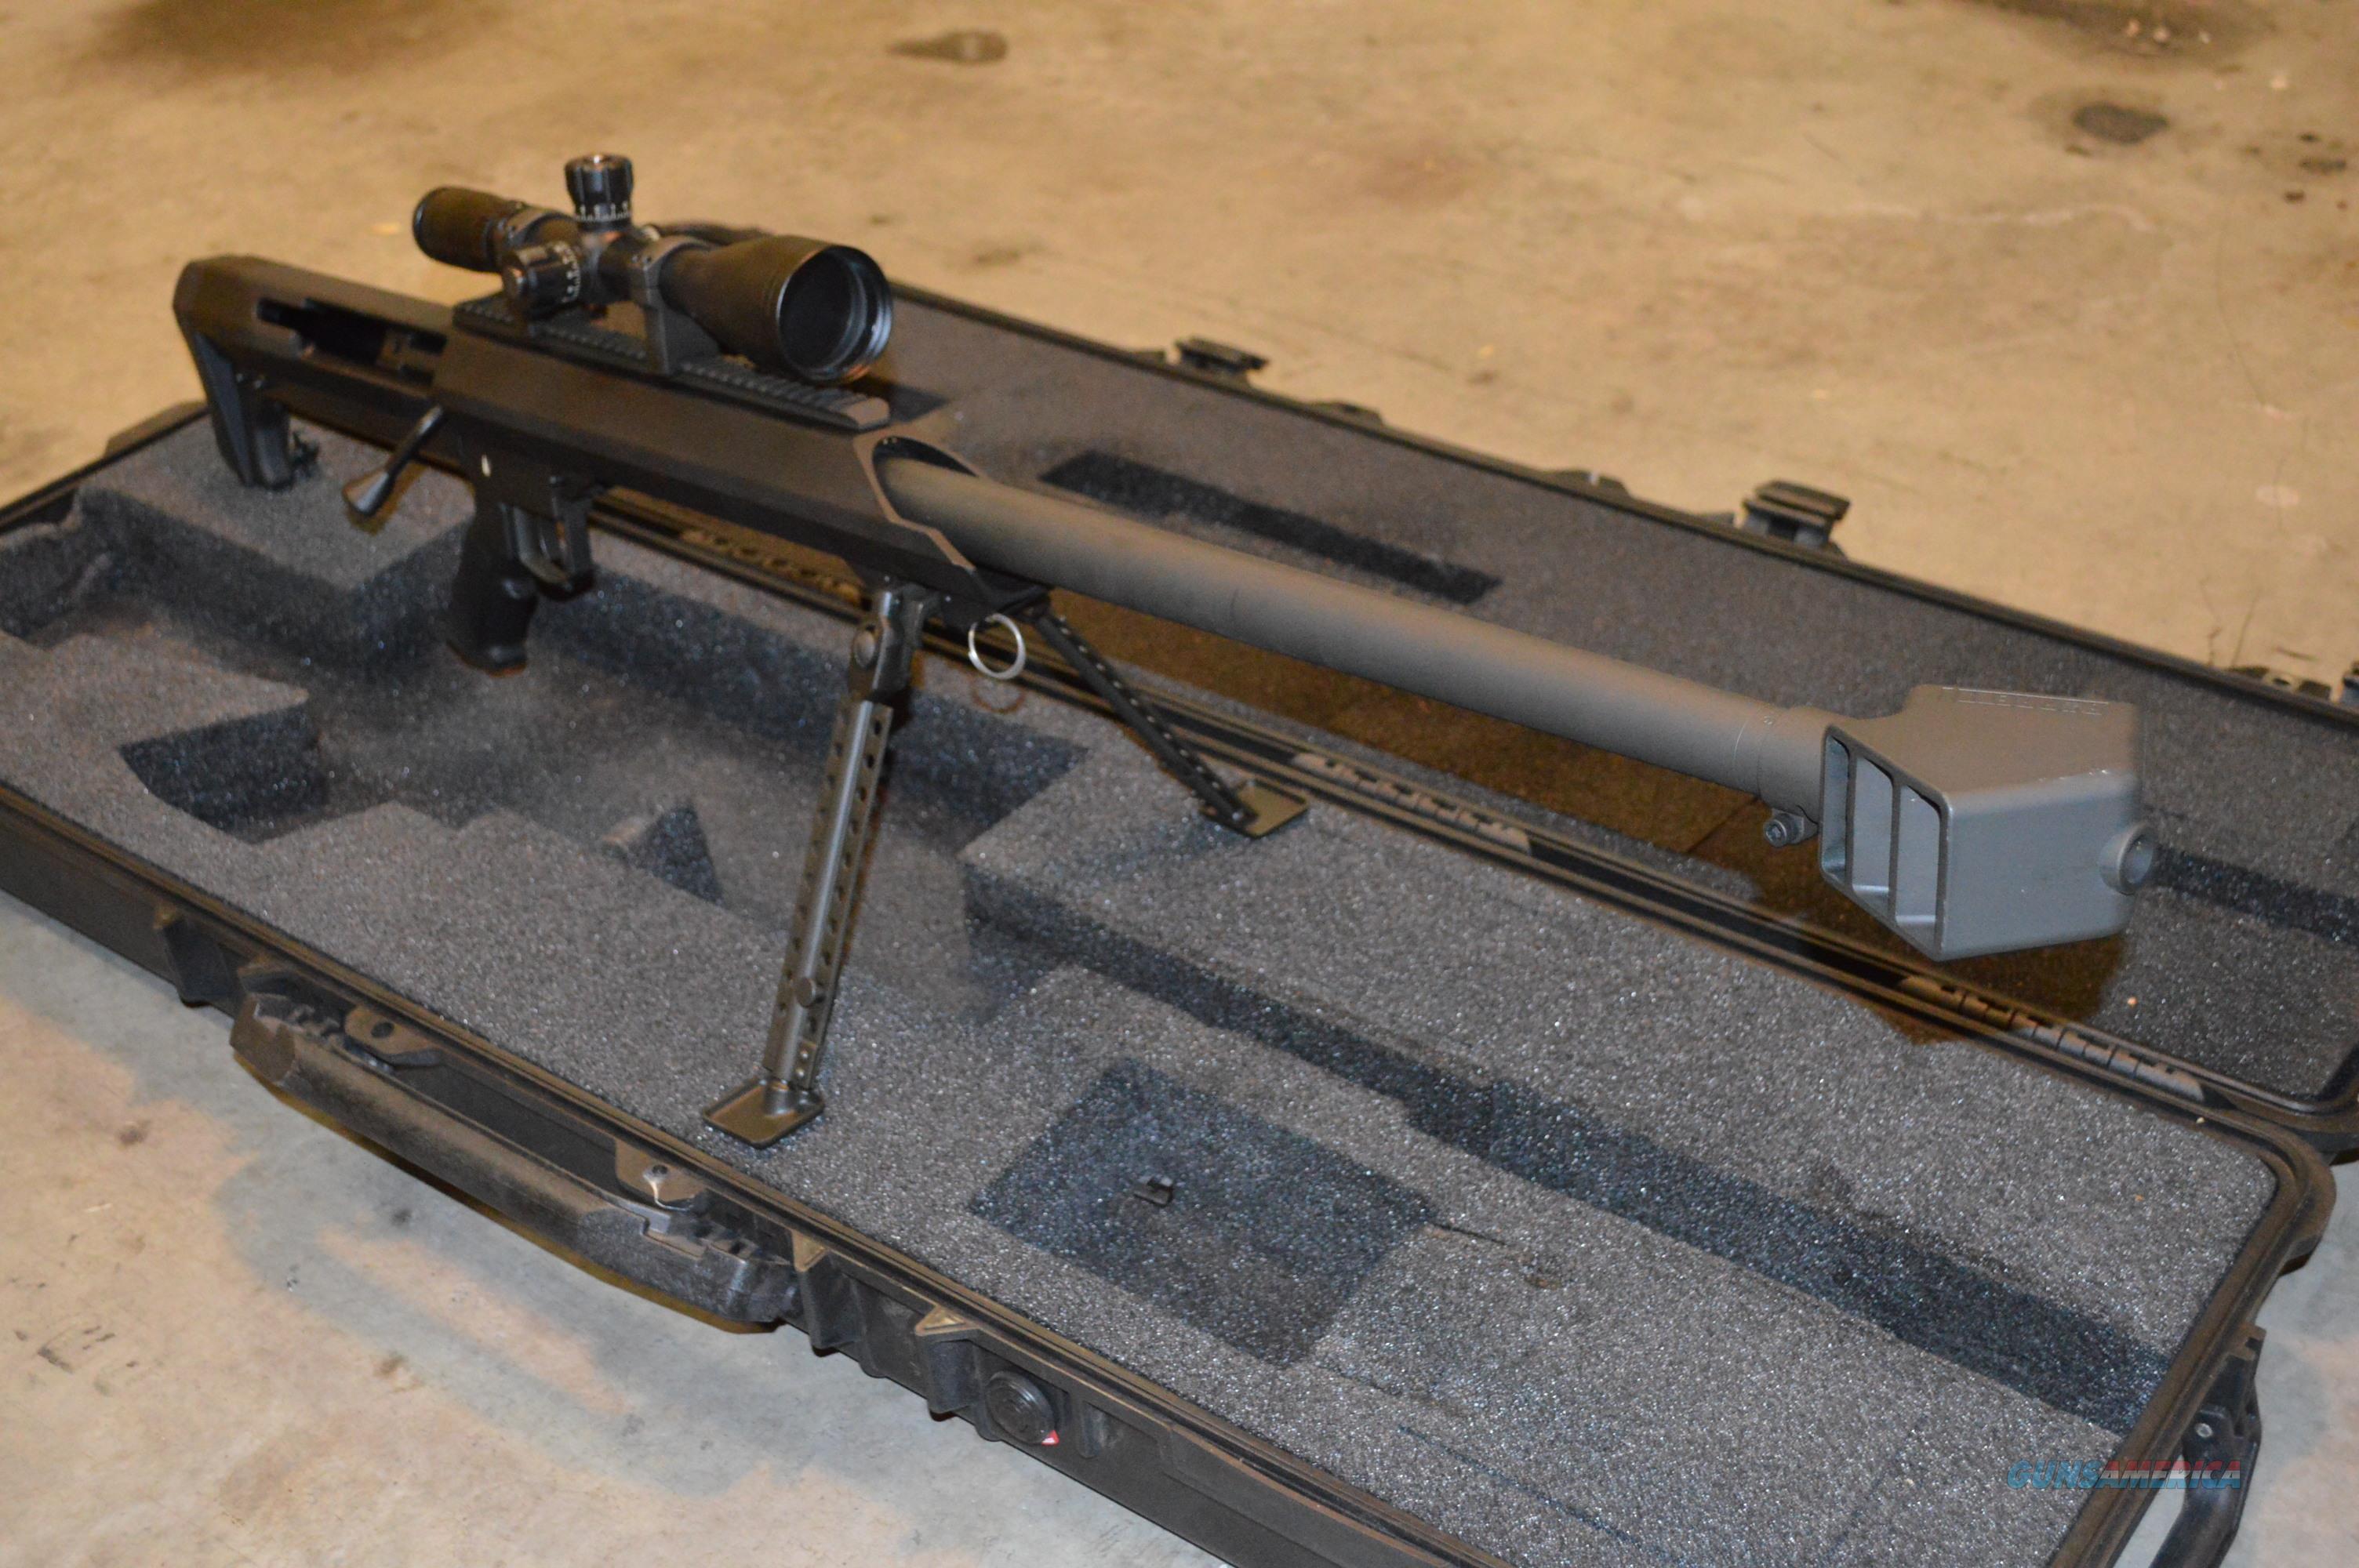 Barrett M99 416 + Extras  Guns > Rifles > Barrett Rifles